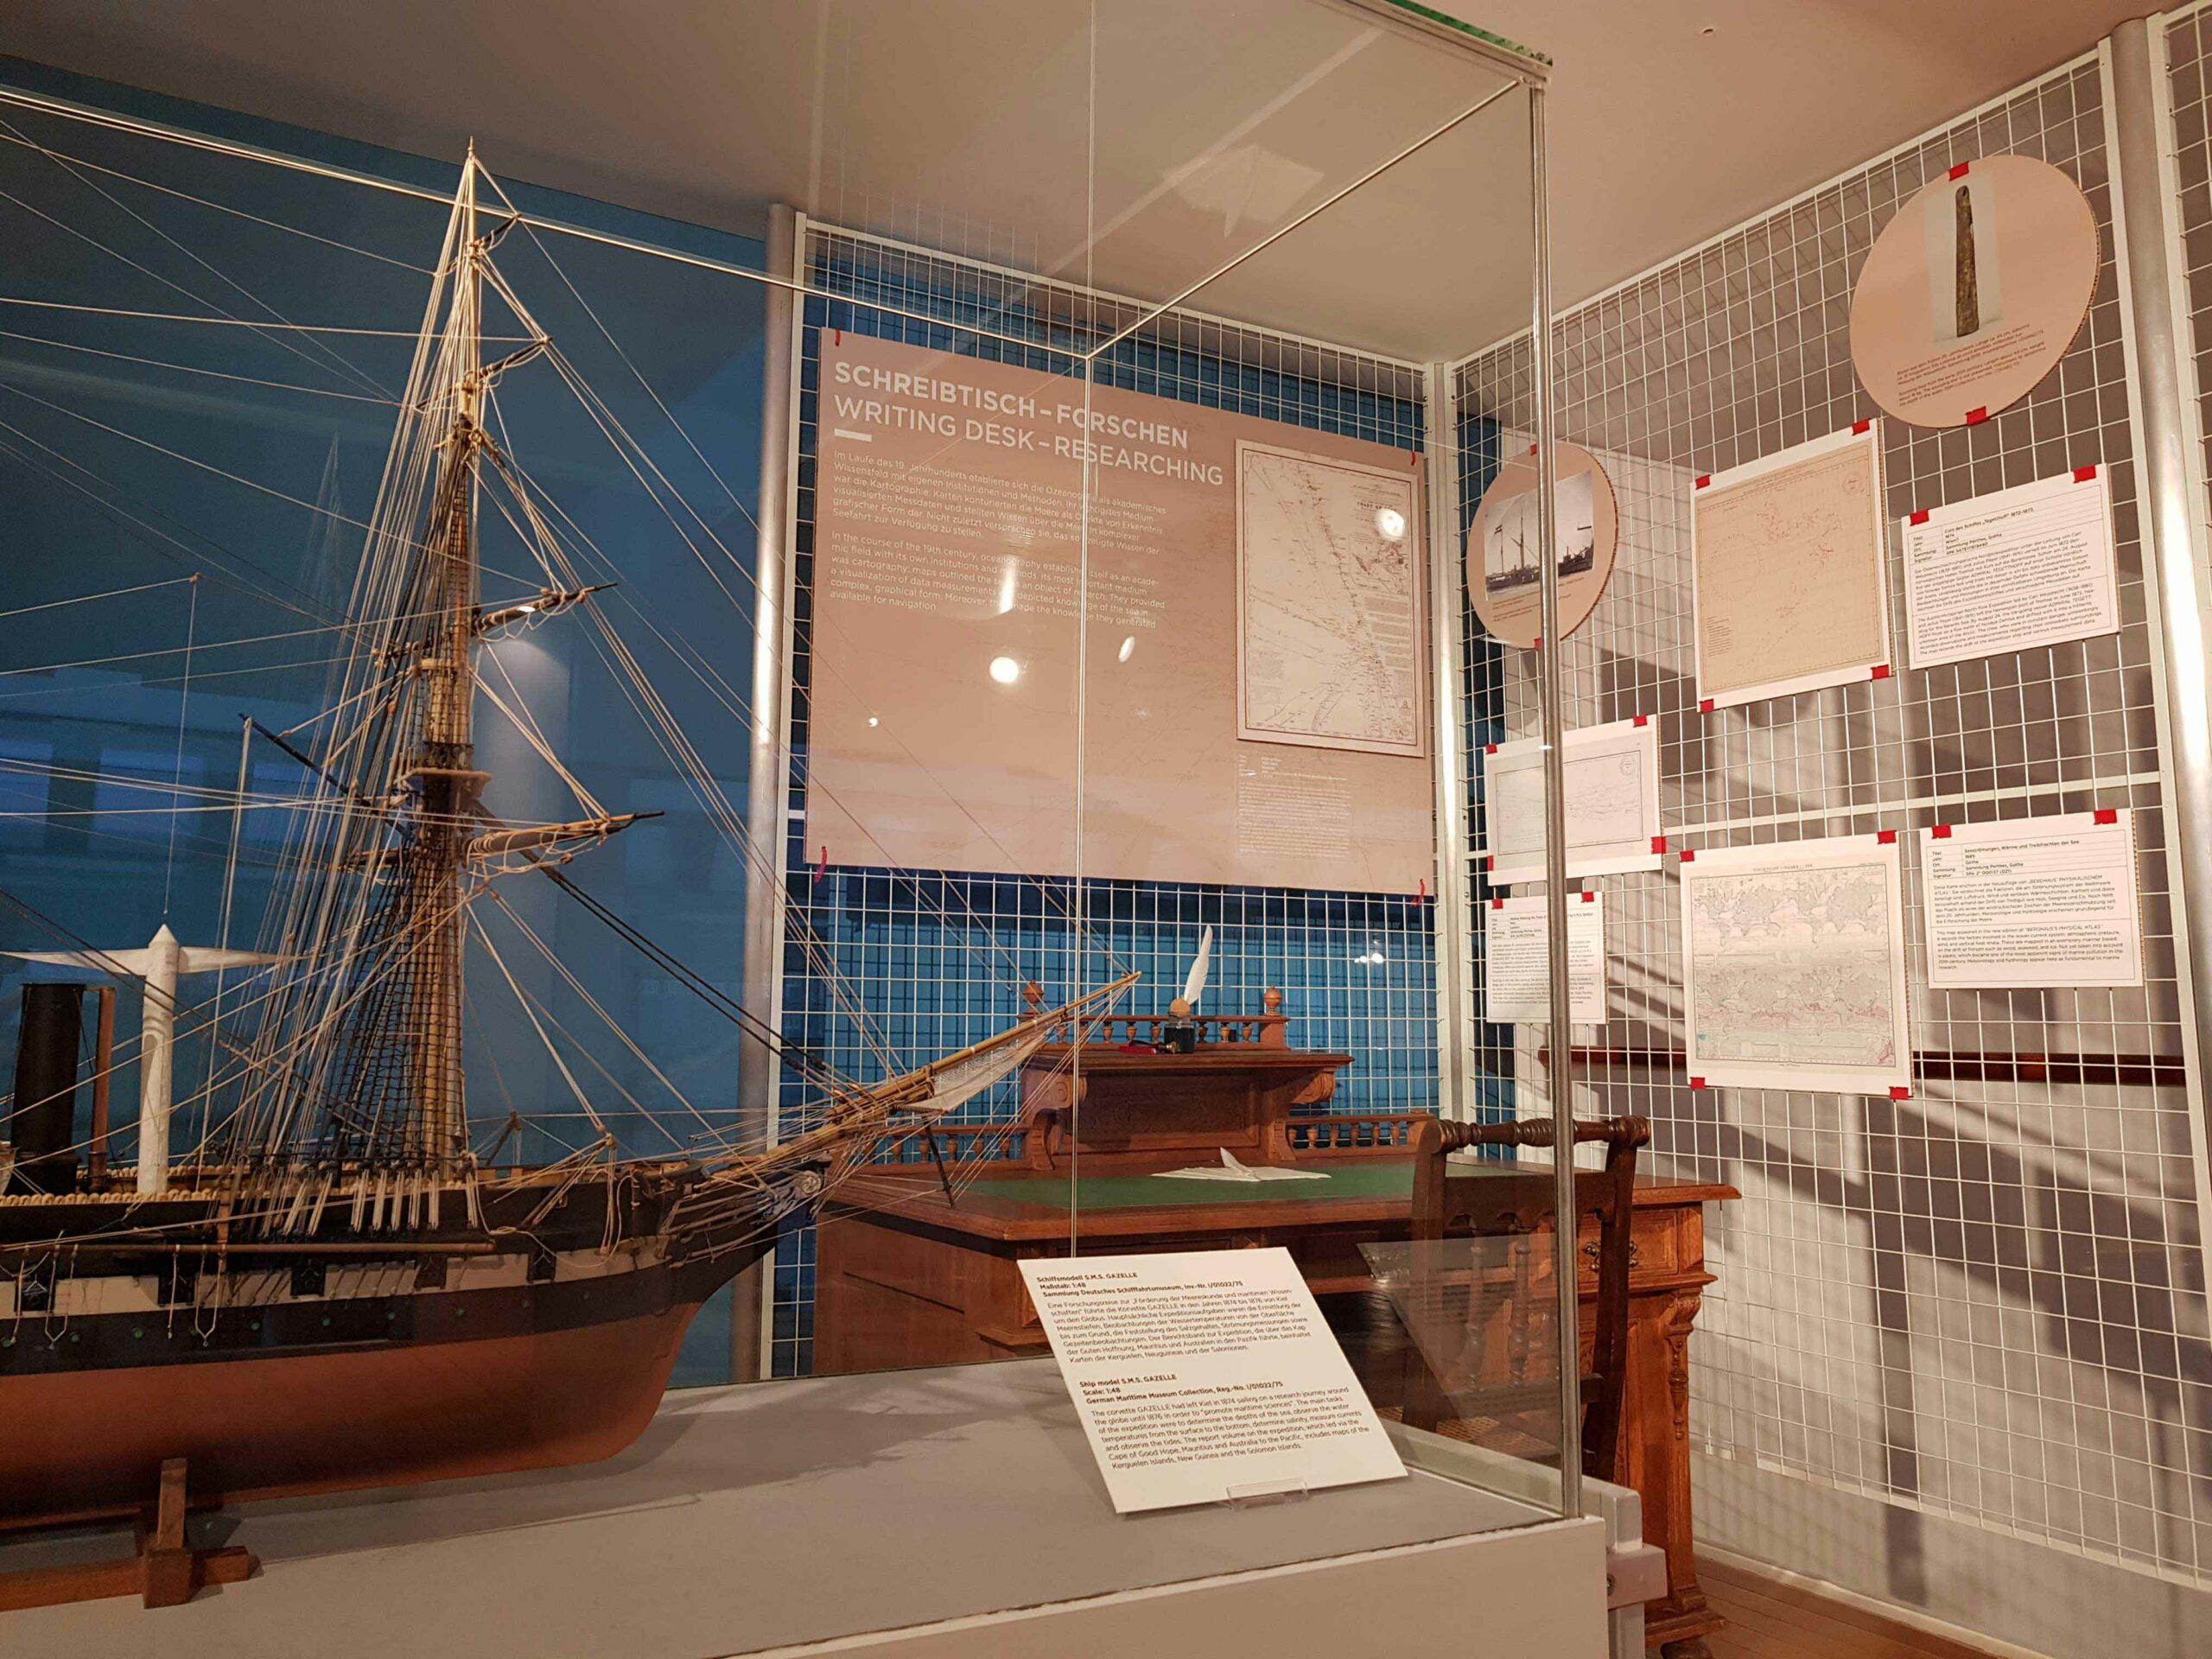 Einblick in die Ausstellung KartenWissenMeer Abteilung Schreibtisch - Forschen